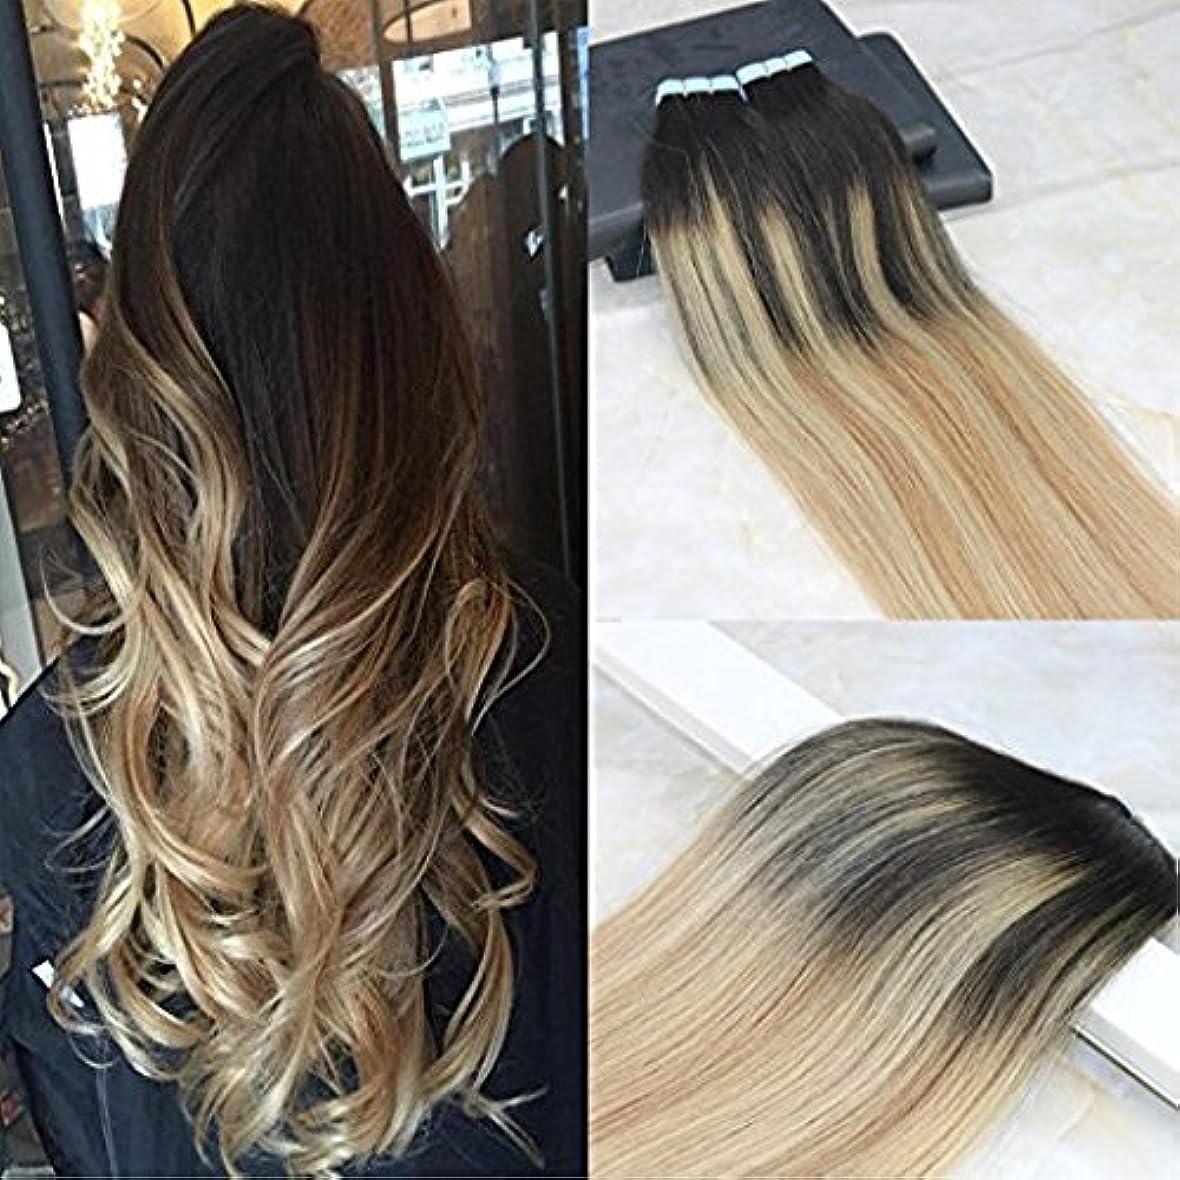 オープナー逆さまに毎日HairDancing 45cm Tape in Remy Hair Extensions Balayage Hair Color Dark Brown #2 Fading to #12 Mixed #613 Bleach Blonde Seamless Skin Weft Hair Extensions Remy Human Hair 50g/20pcs Full Head Set